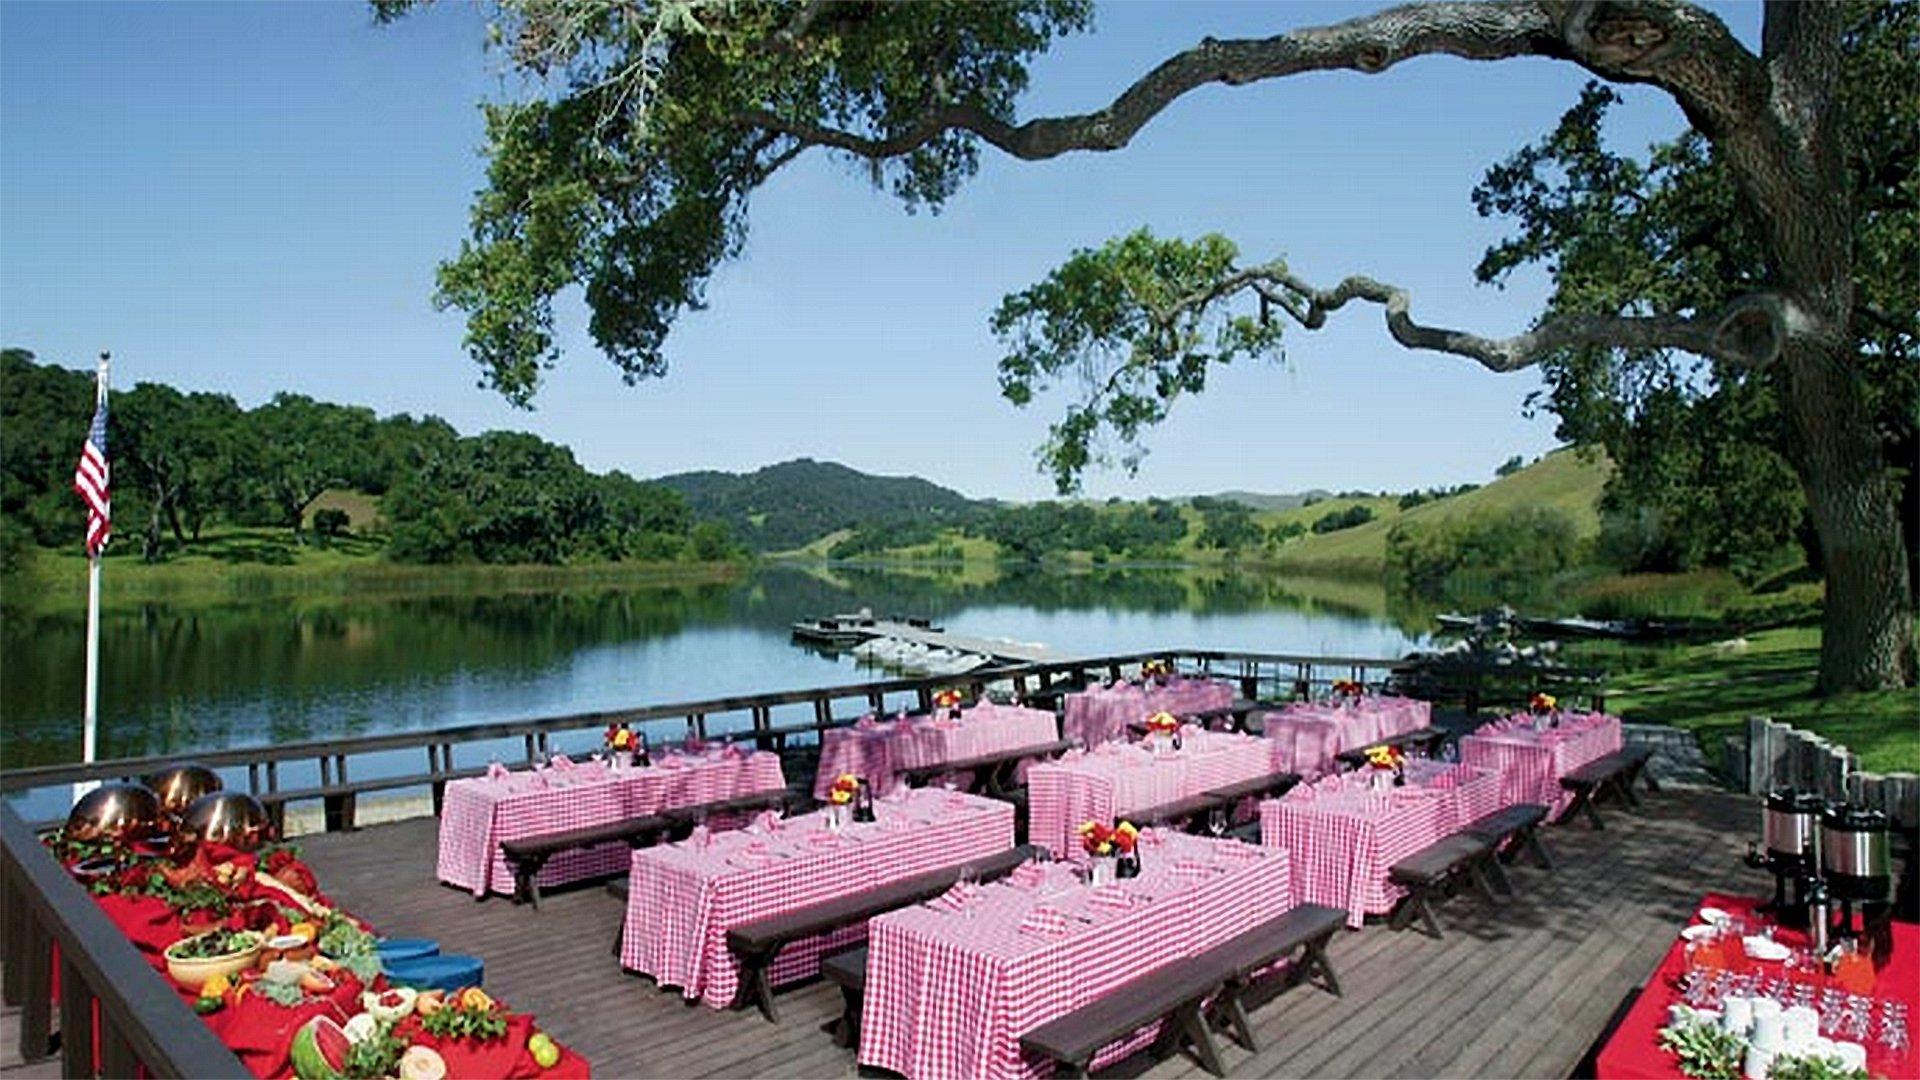 Solvang Meetings - At a Resort